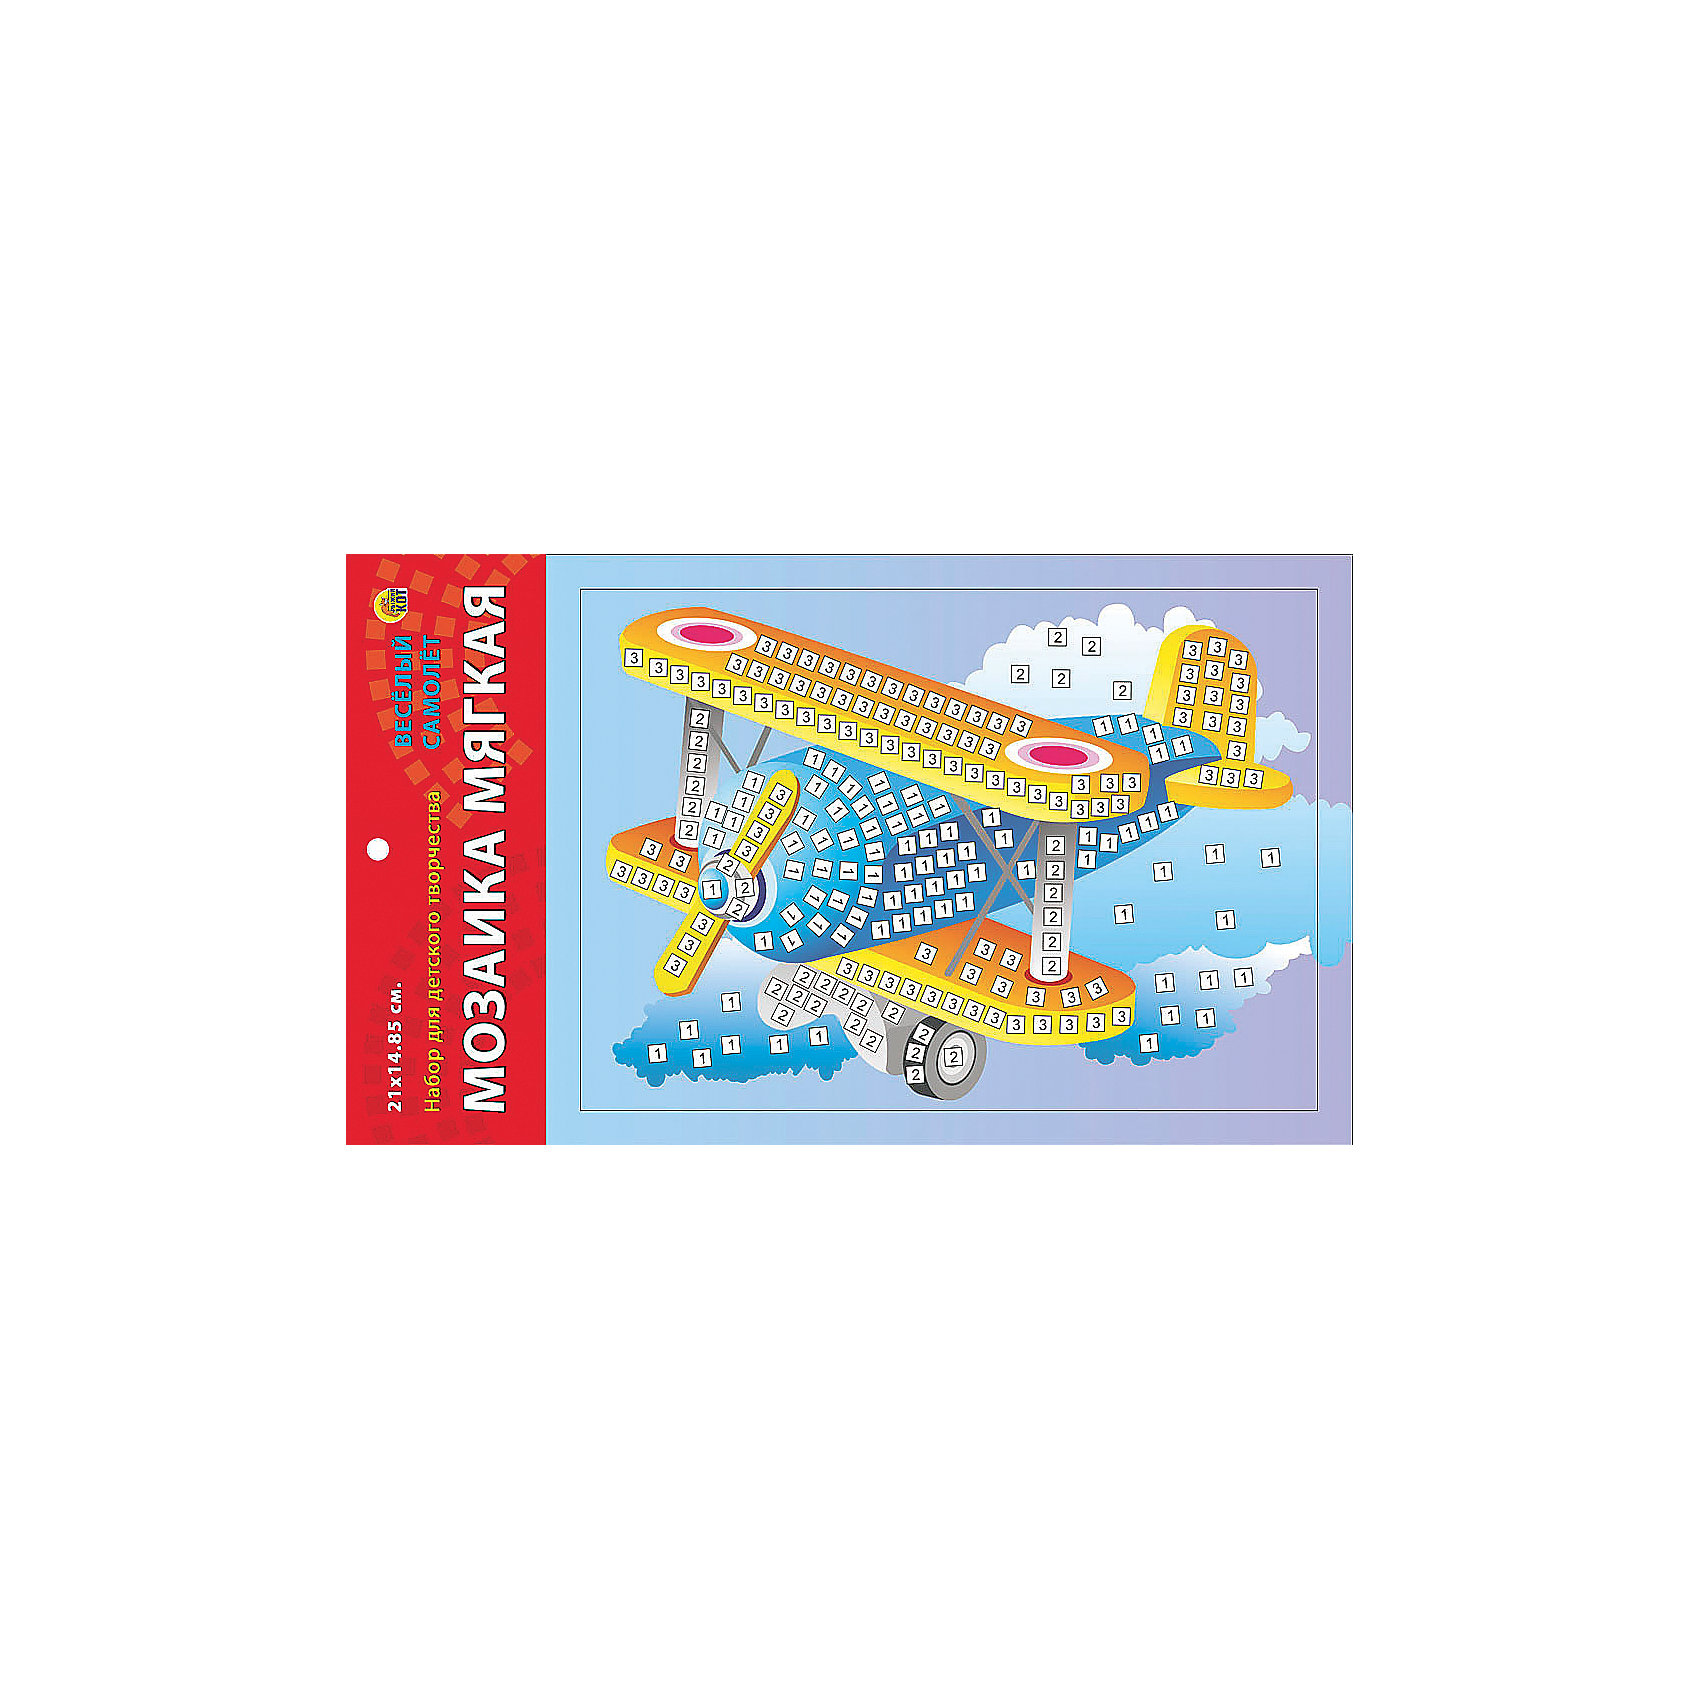 Издательство Рыжий кот Мягкая мозаика Веселый самолет формат А5 (21х15 см) издательство рыжий кот мягкая мозаика веселый самолет формат а5 21х15 см